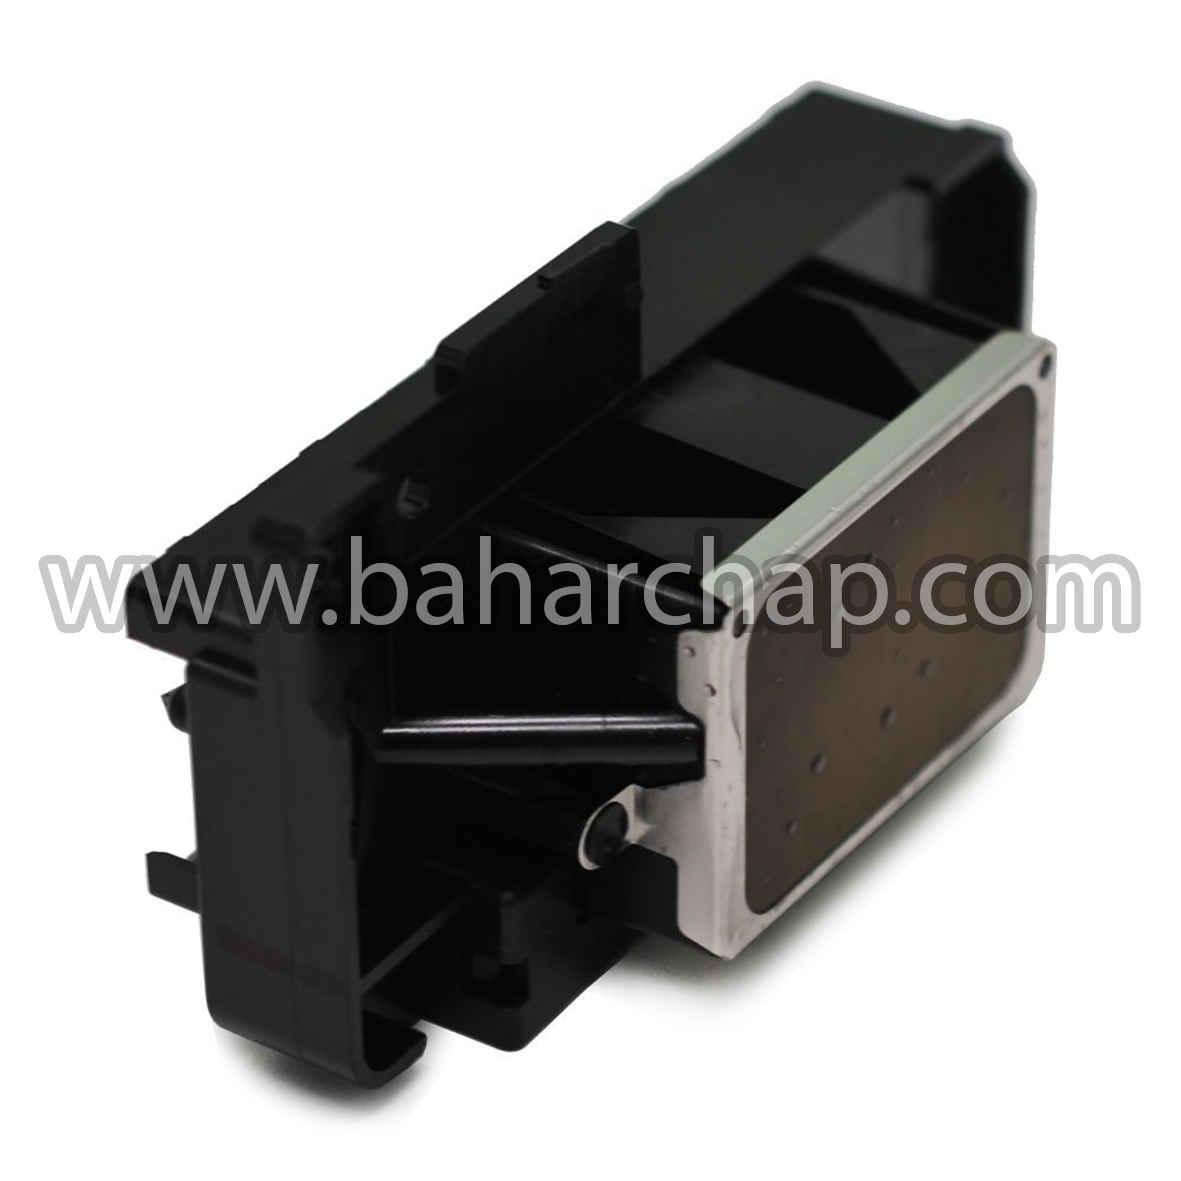 فروشگاه و خدمات اینترنتی بهارچاپ اصفهان-هد پرینتر اپسون R200 / R210 / R220 / R230 / R300 / R310 / R320 / R340 / R350 / R510 / 600F / 620F-Printhead for Epson R210 / R310 / R200 Printer- F151000 / F166000